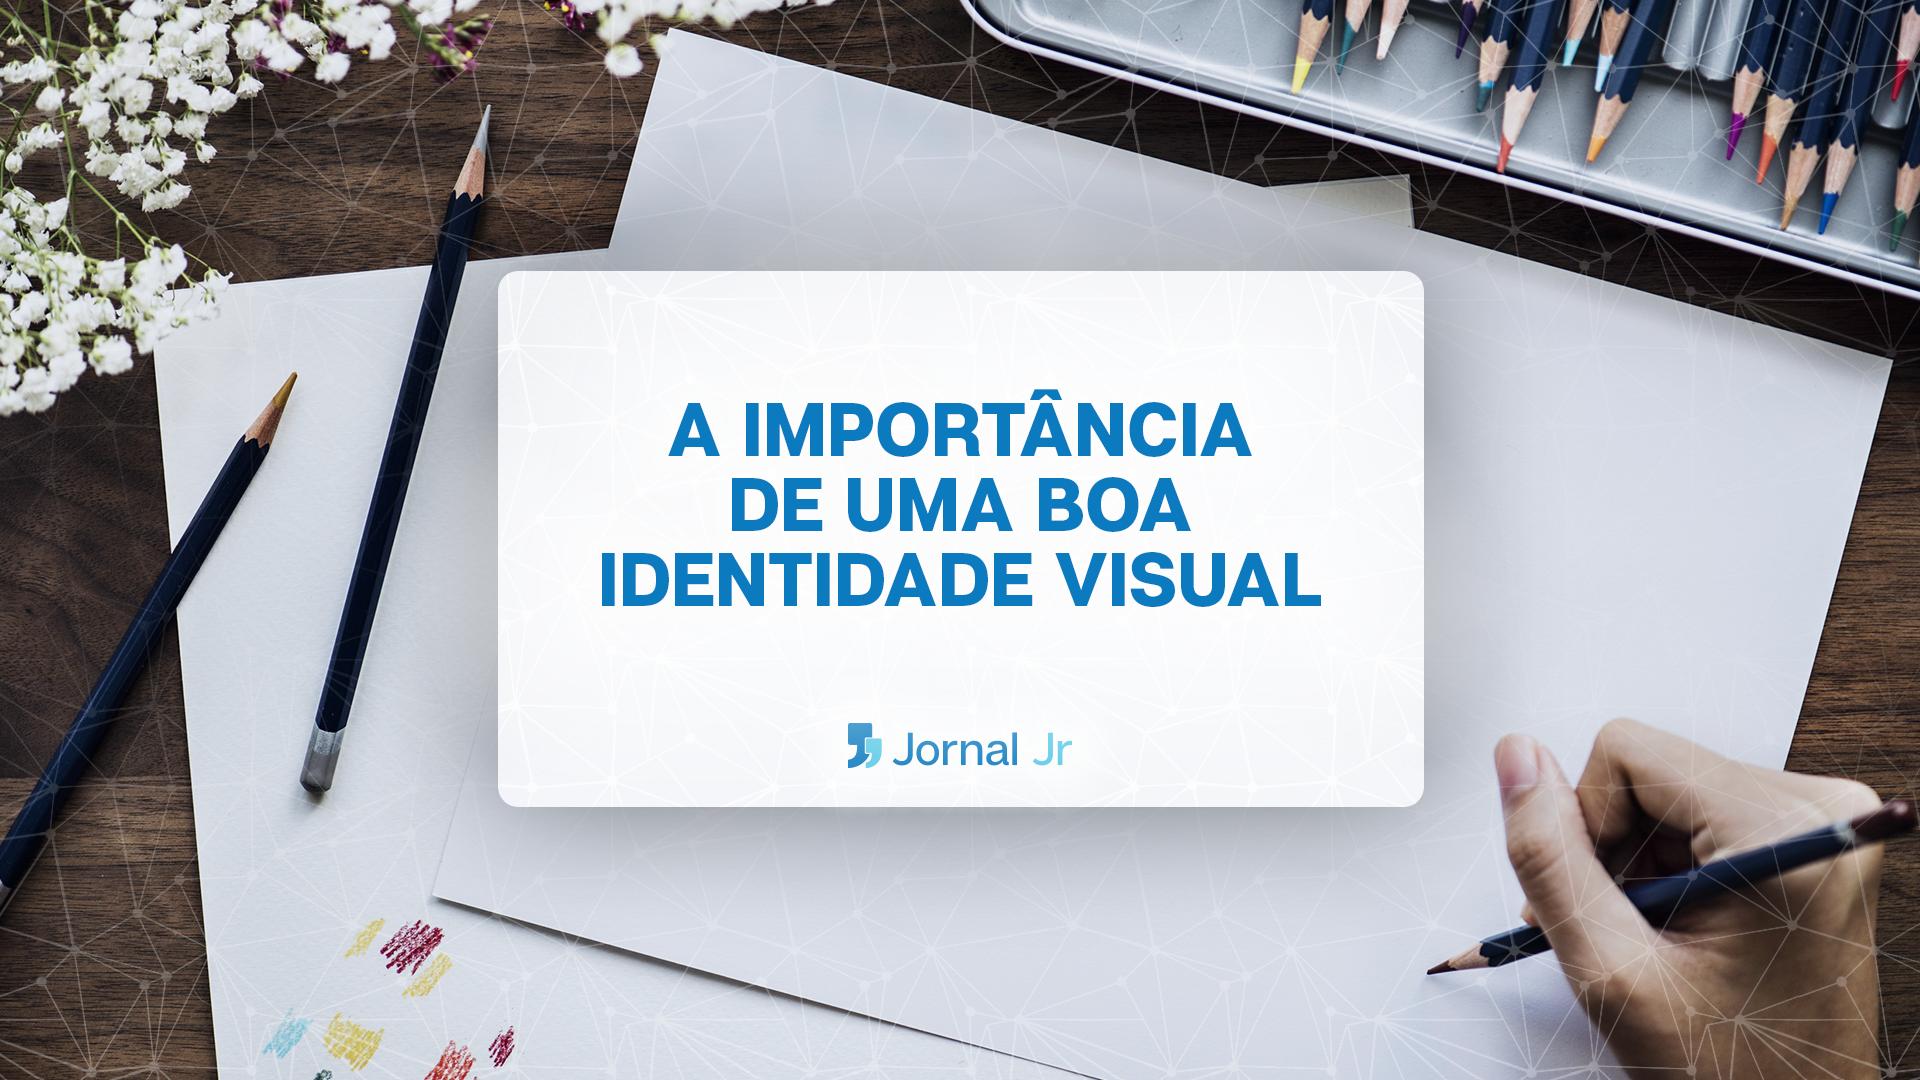 Jornal Jr